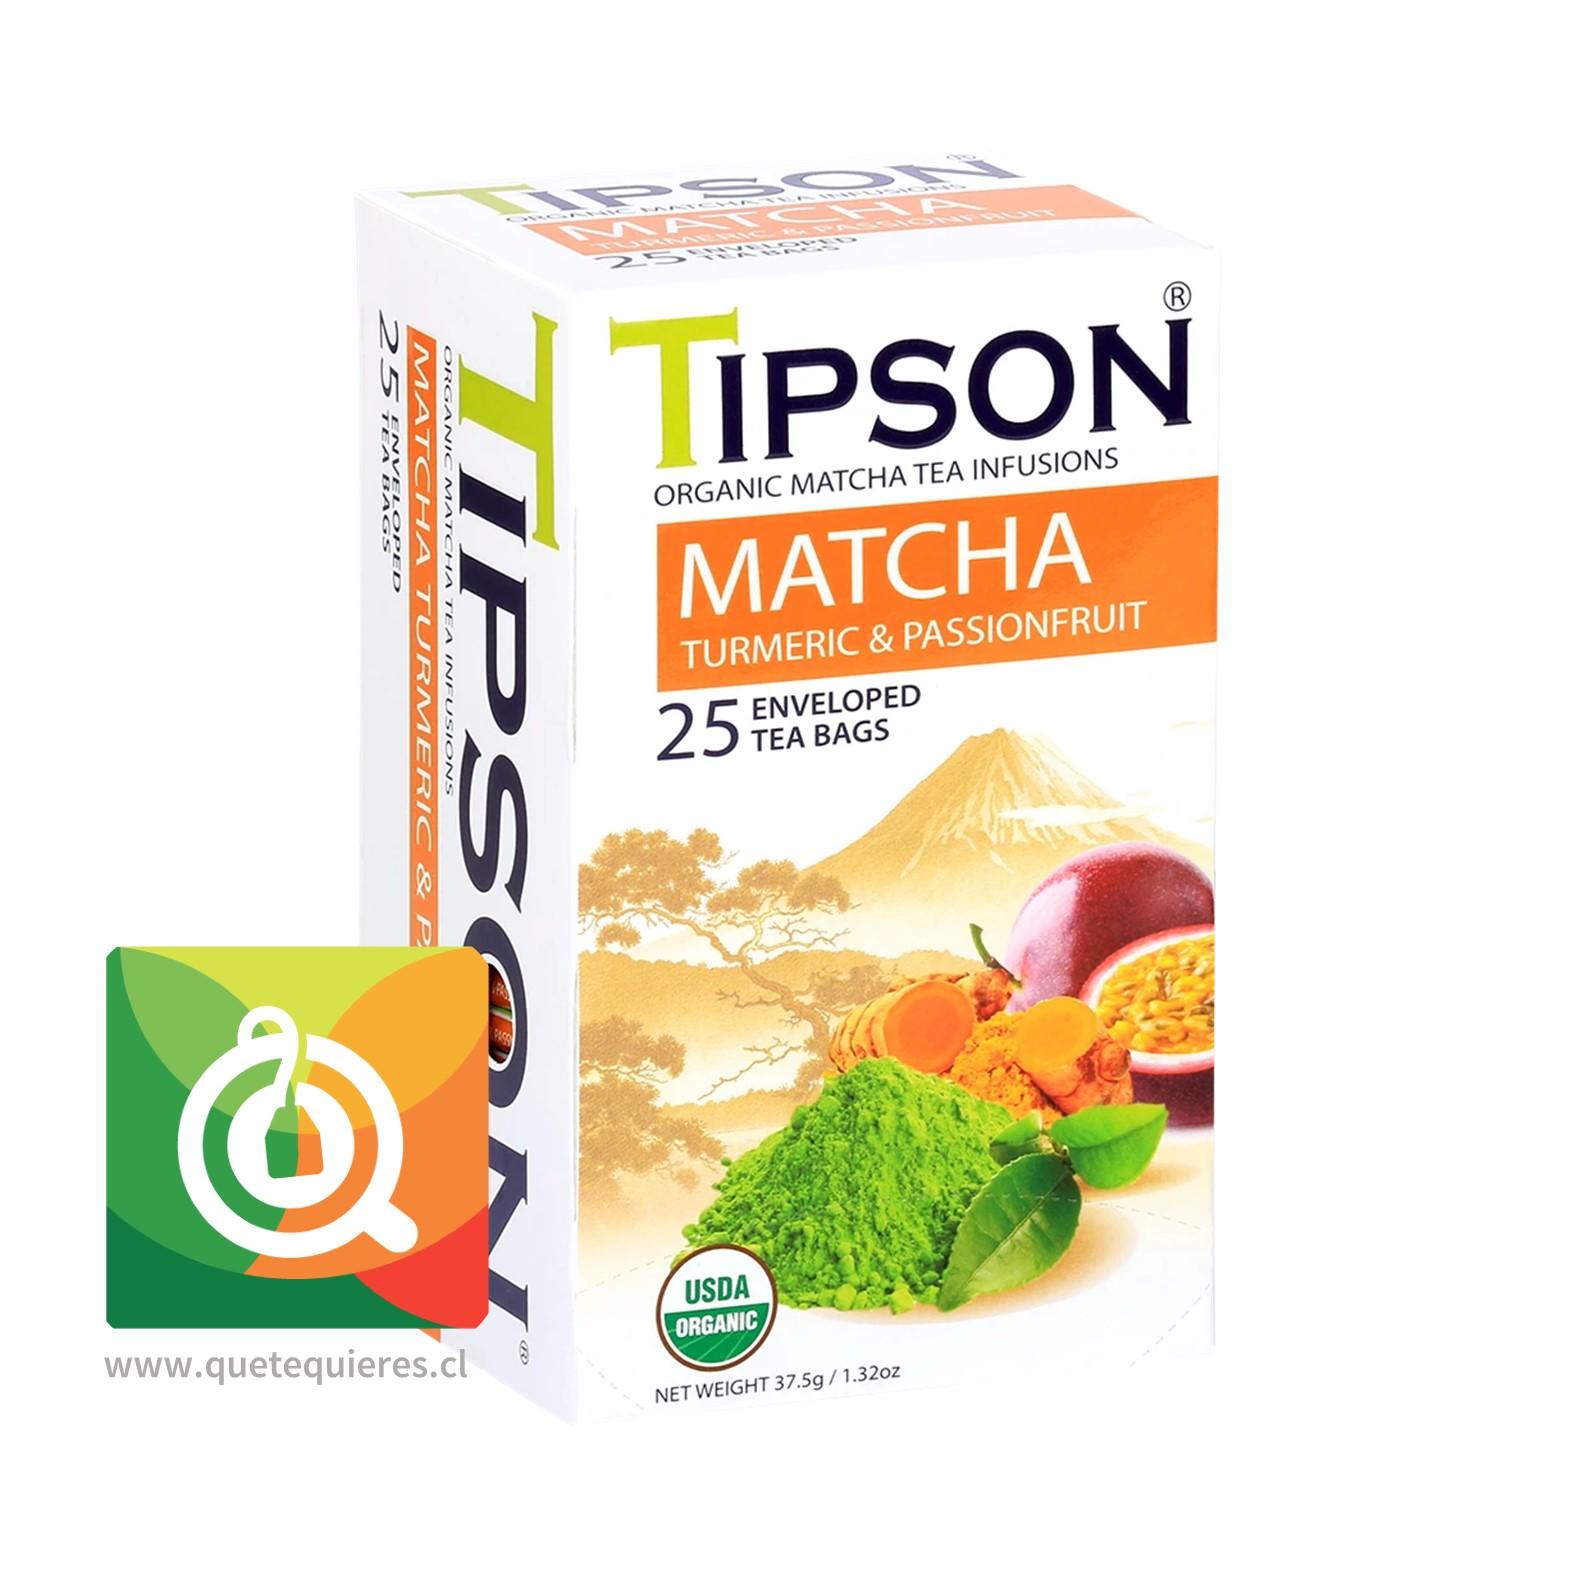 Tipson Matcha Cúrcuma y Maracuyá - Image 1